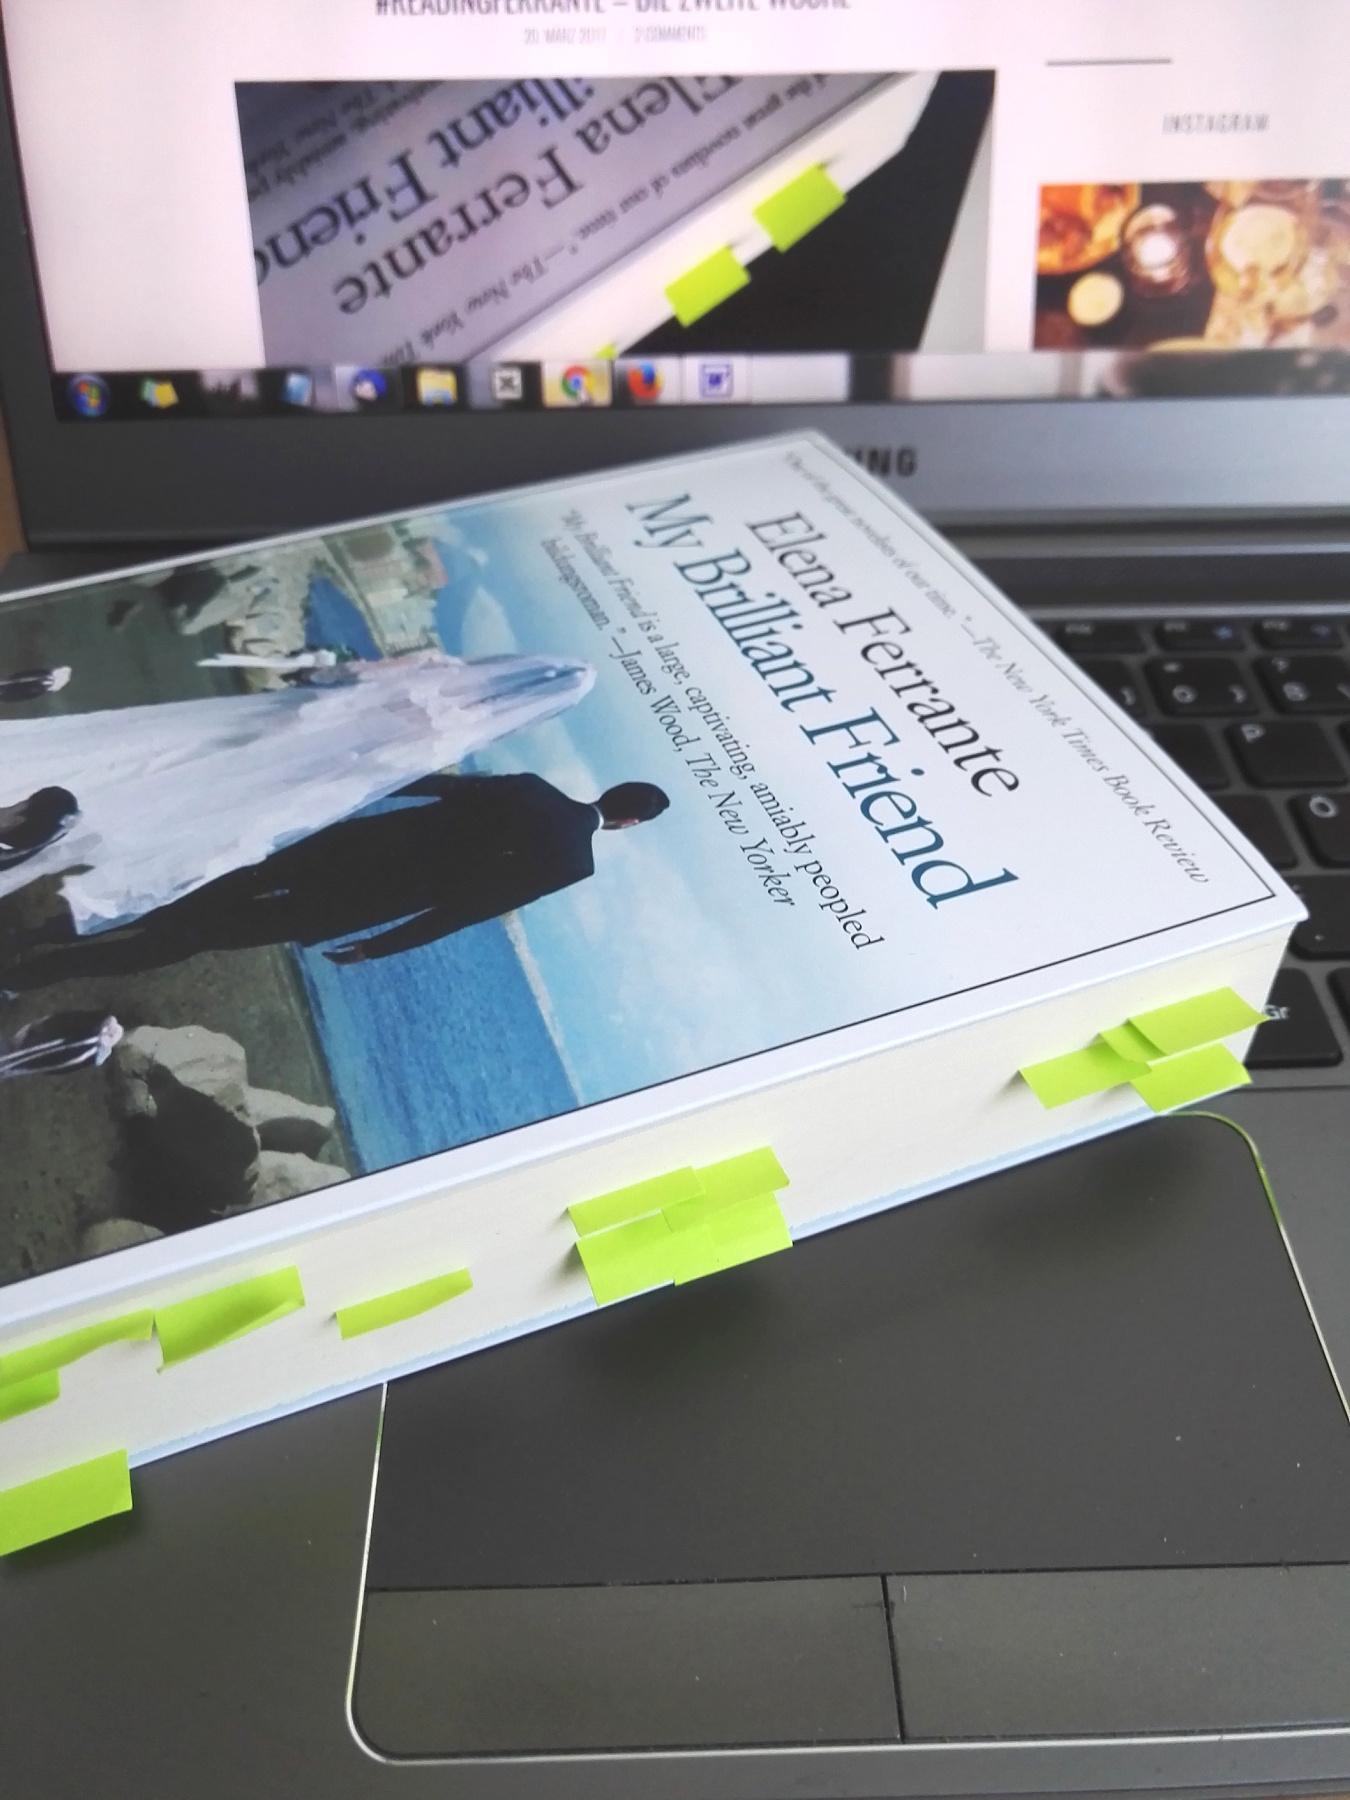 #readingferrante Teil 3 und 4